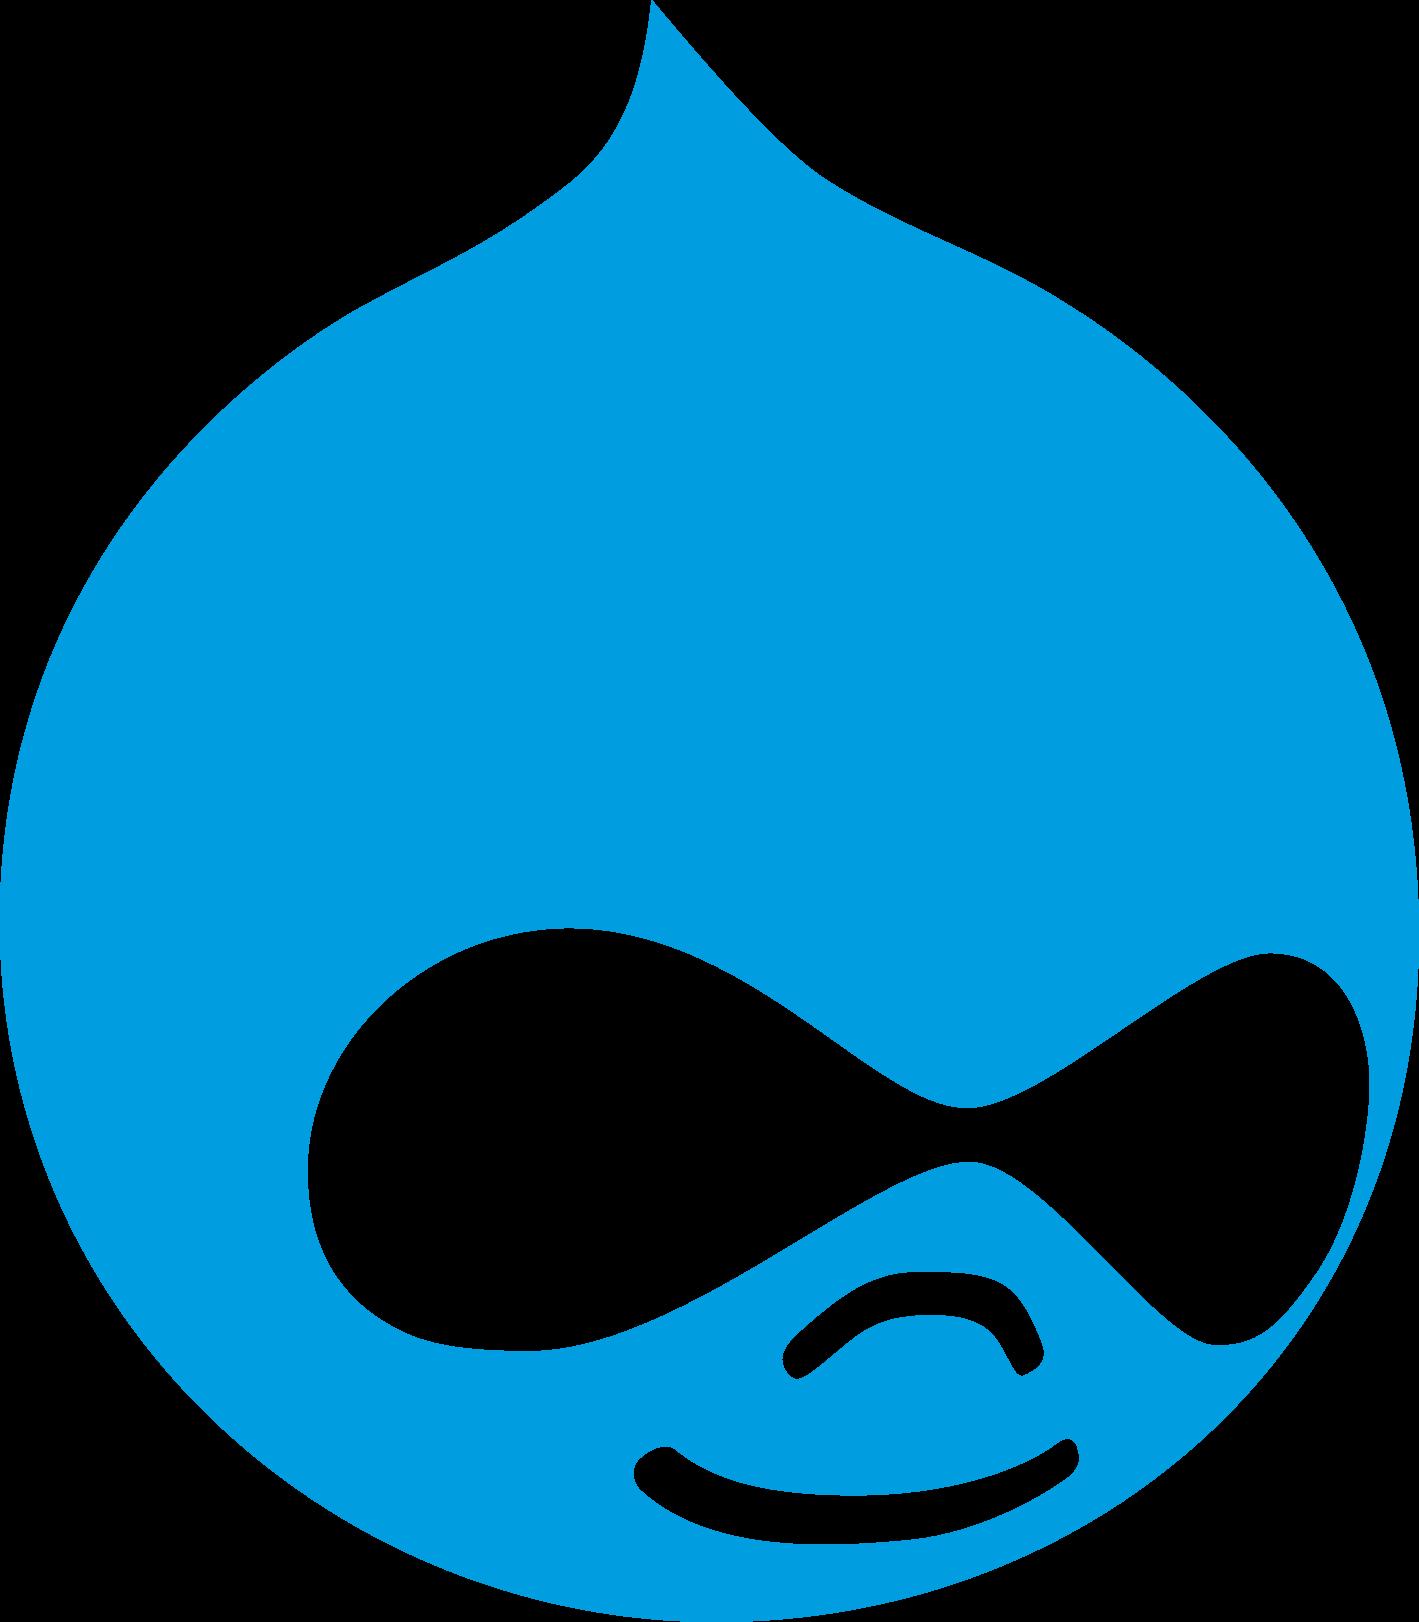 Drupal Logo Wallpaper